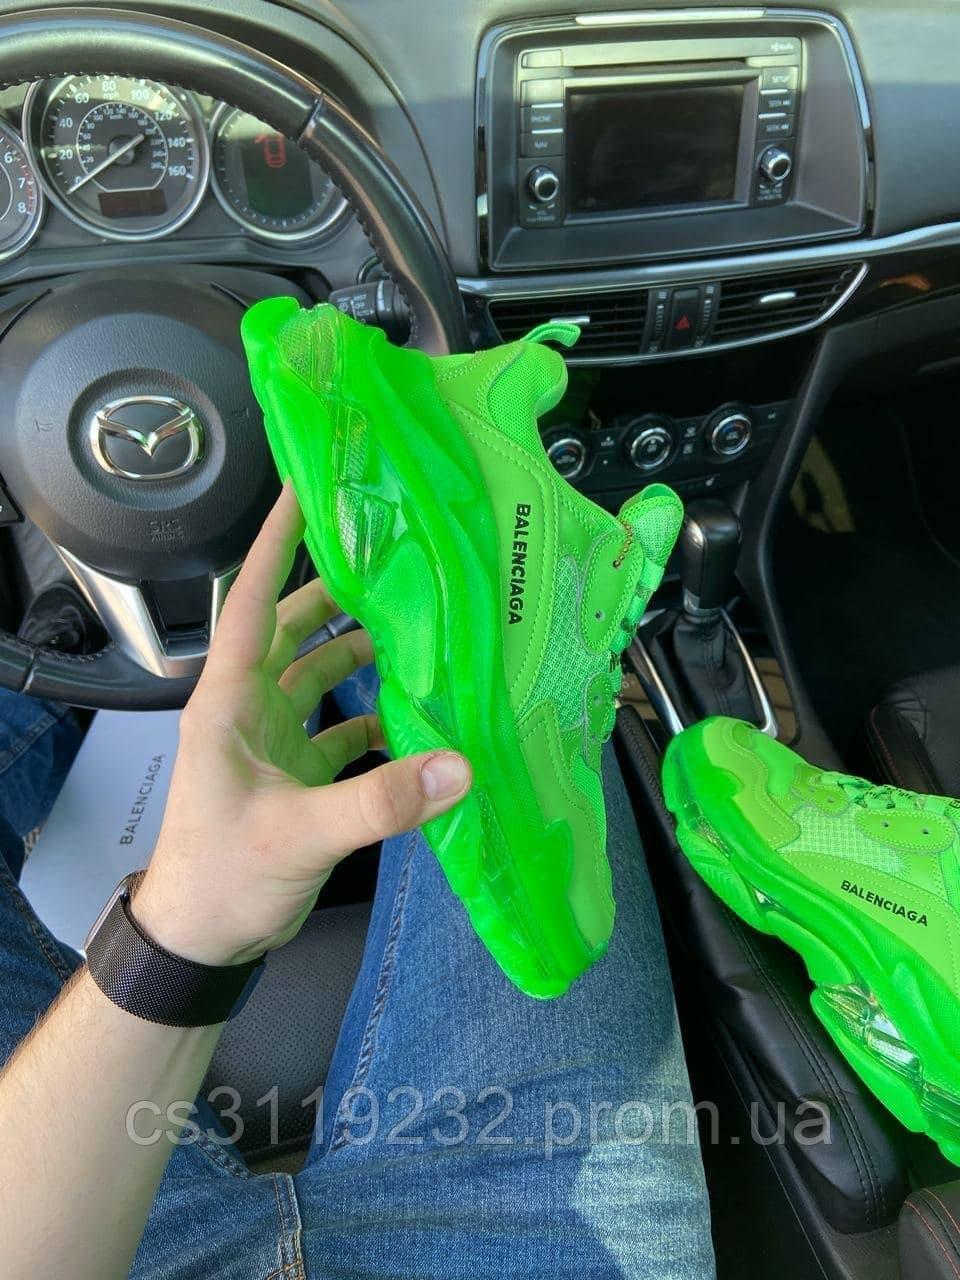 Чоловічі кросівки Balenciaga Triple S Clear Sole Neon Green (зелені)